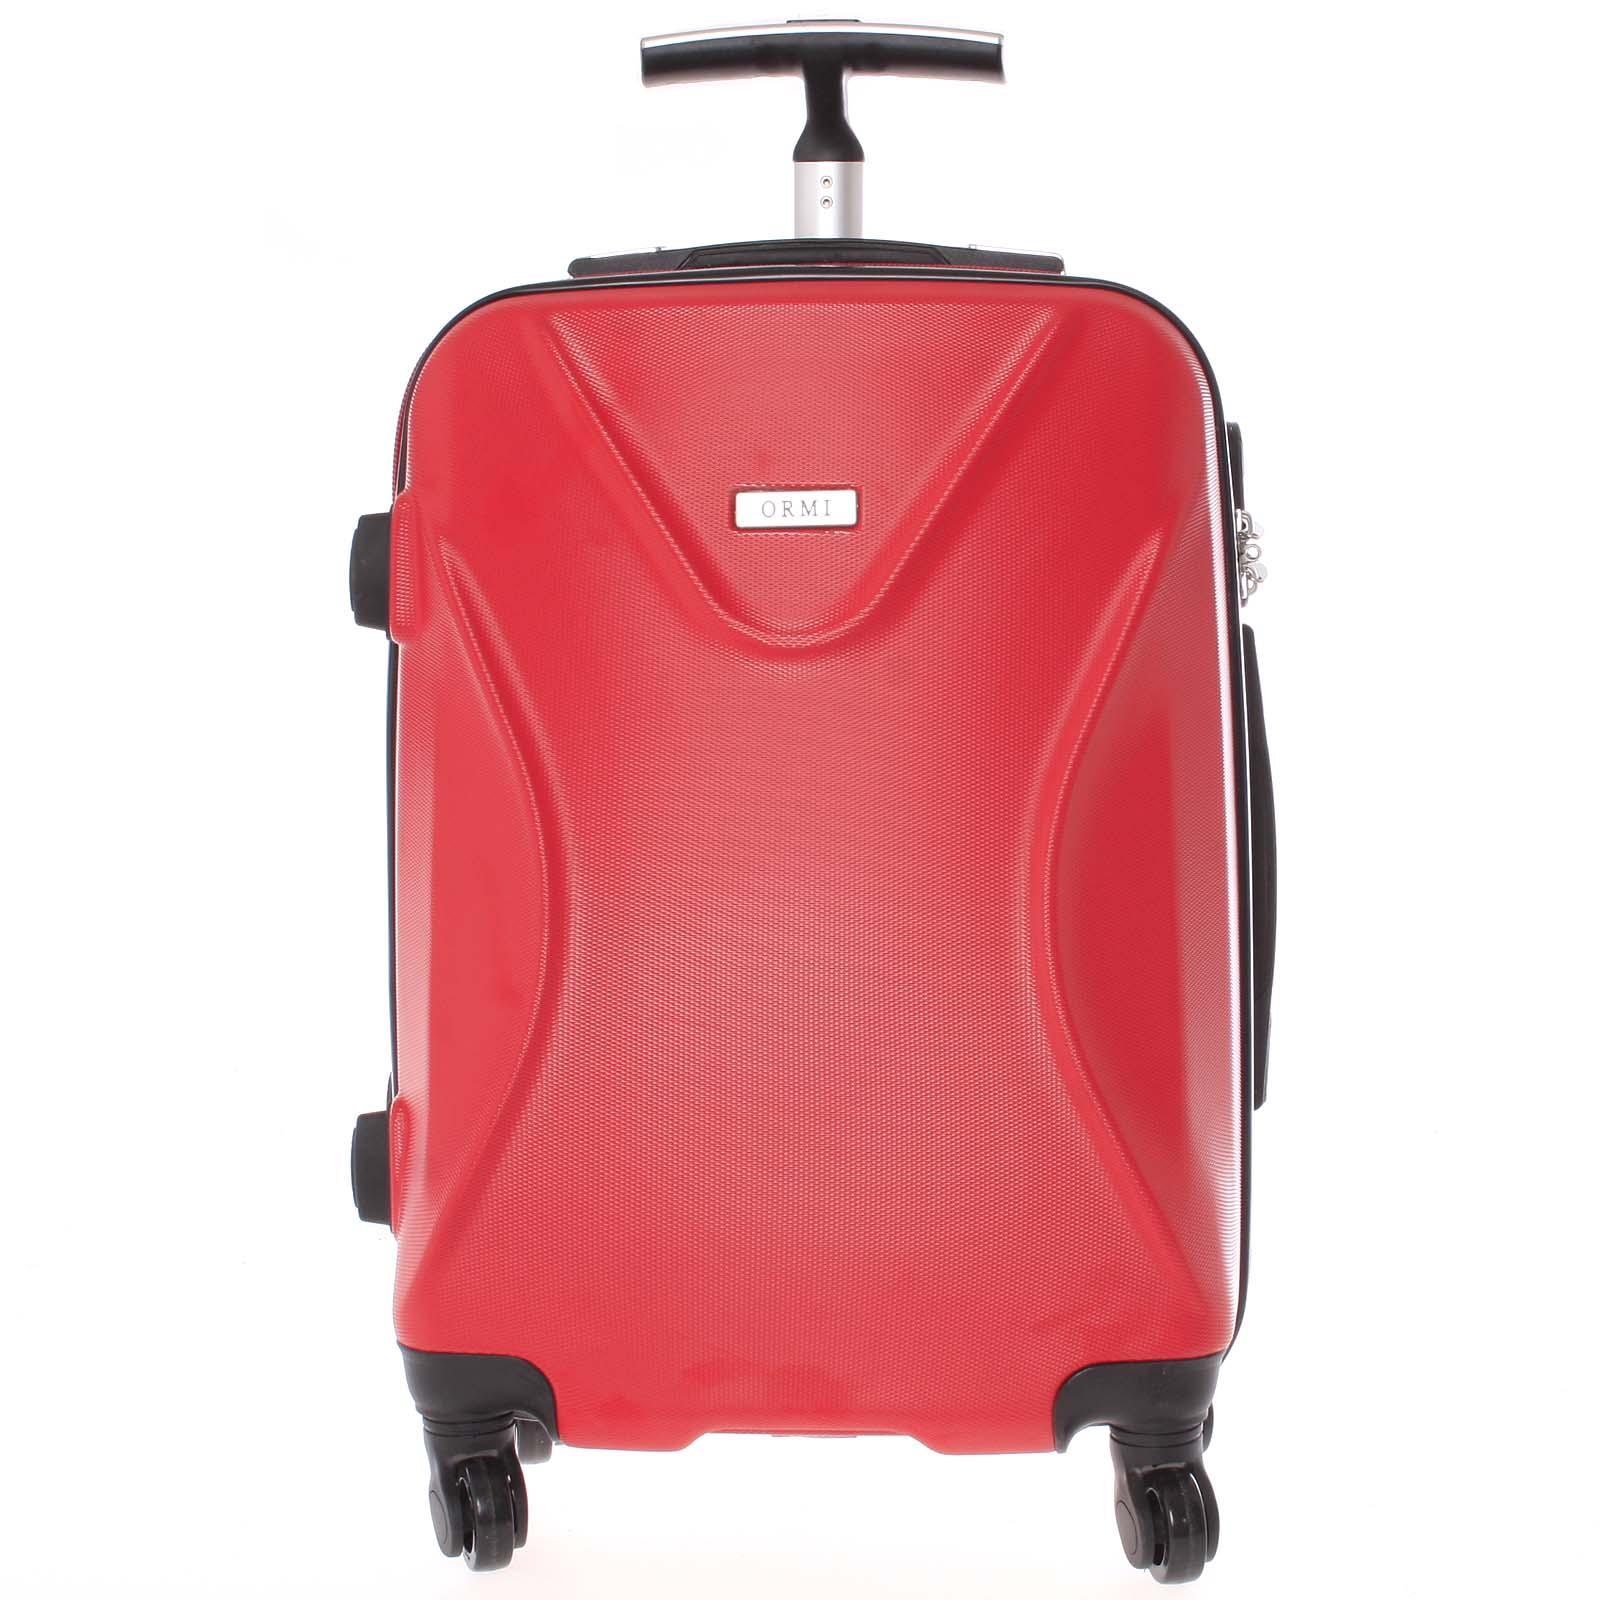 Originální pevný cestovní kufr červený - Ormi Cross M